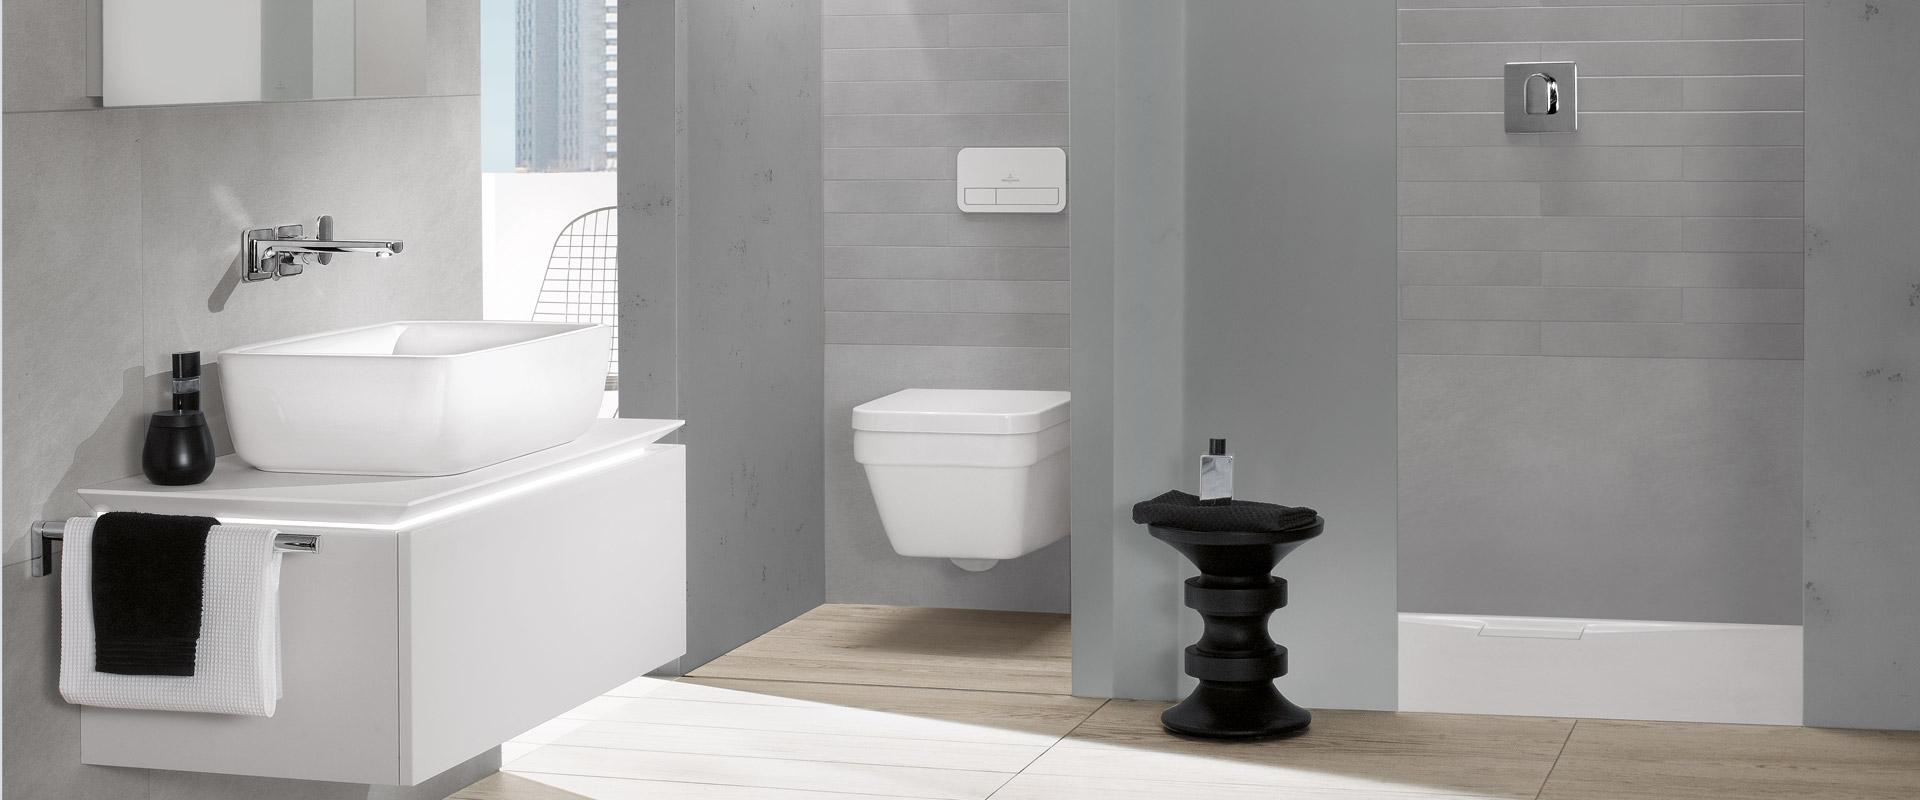 Architectura - Zeitloses Design fürs Bad - Villeroy & Boch